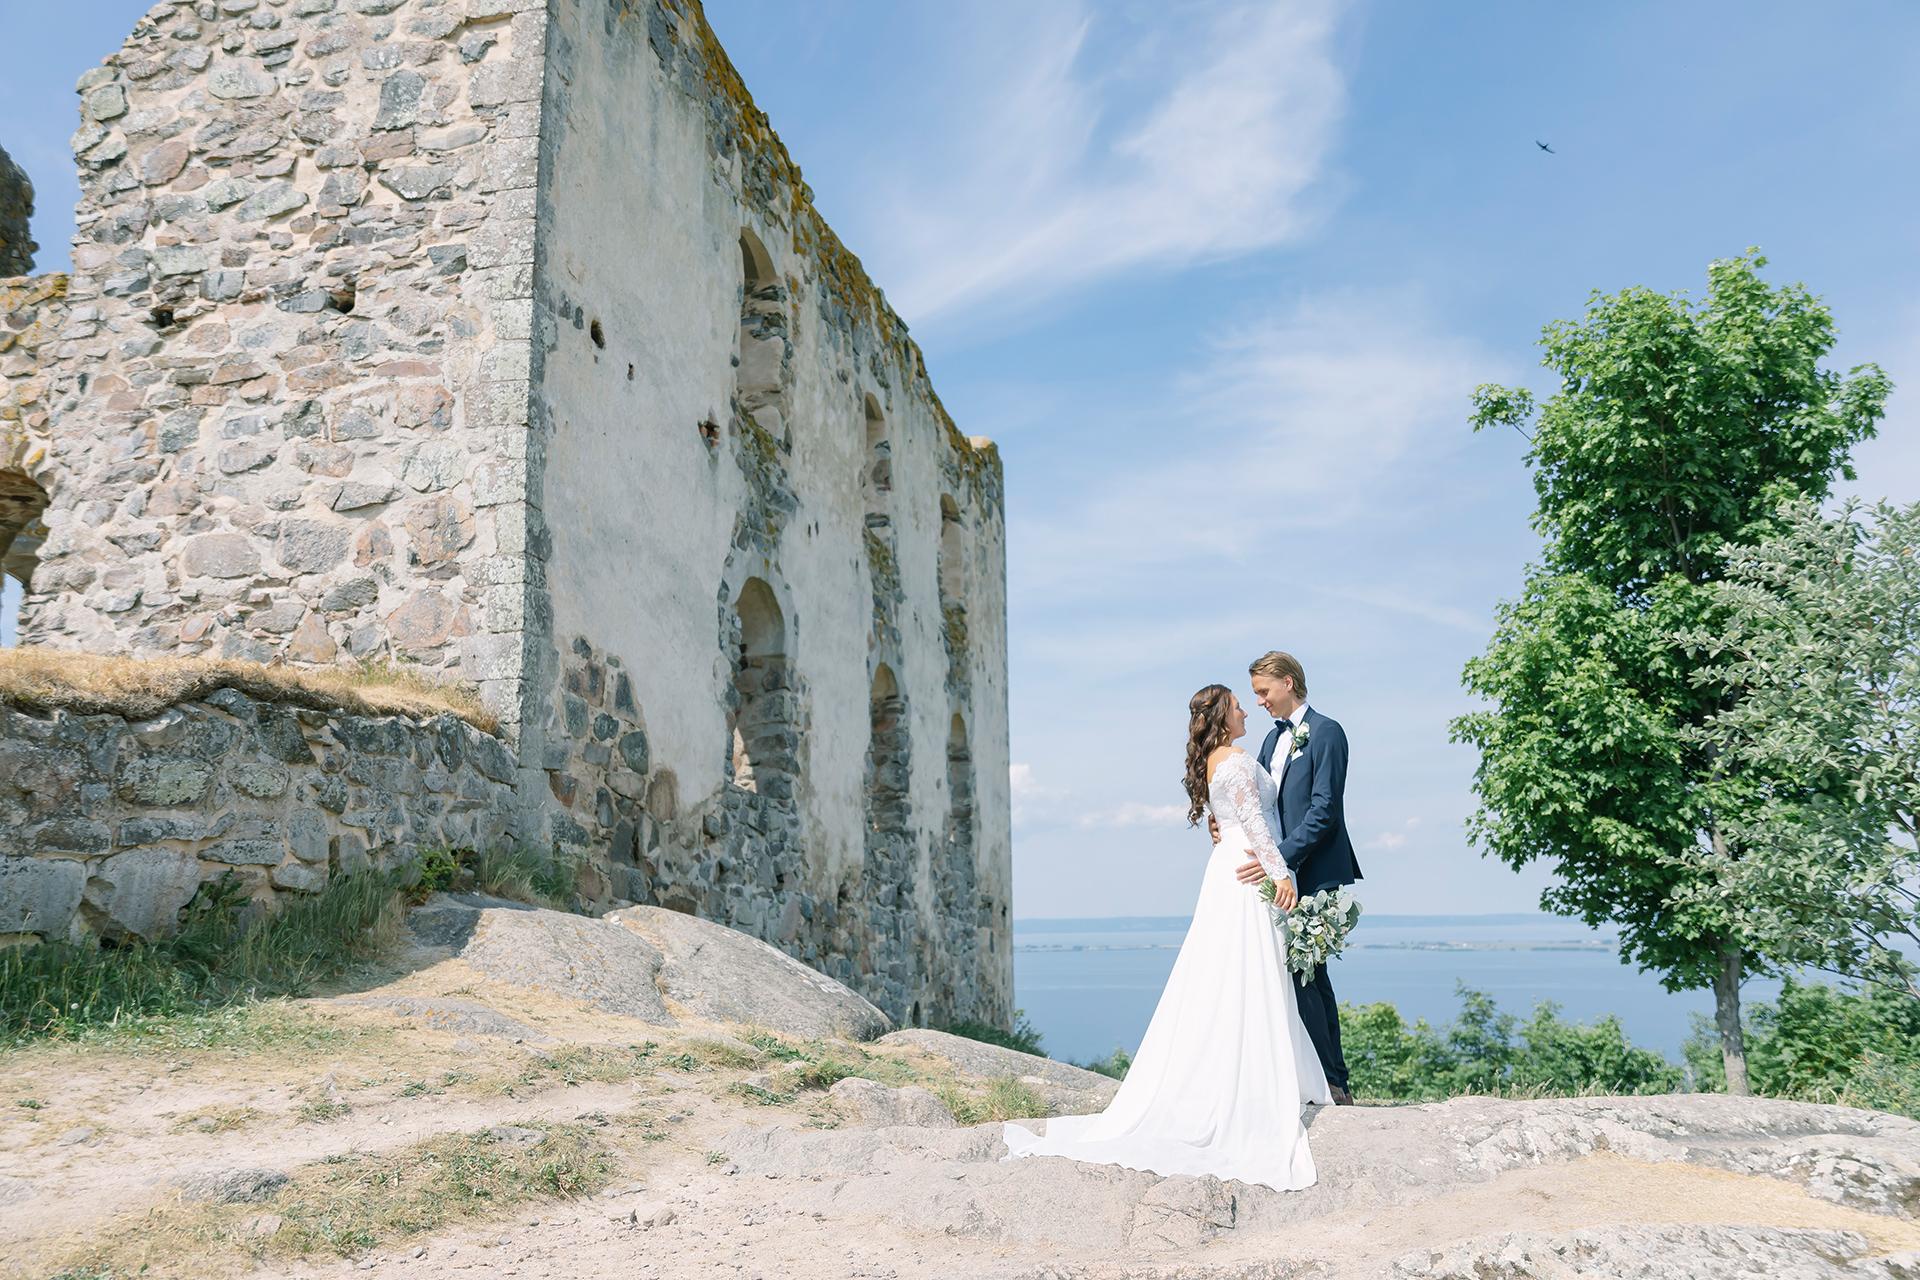 BröllopsfotografJönköping_EllenSimon.jpg